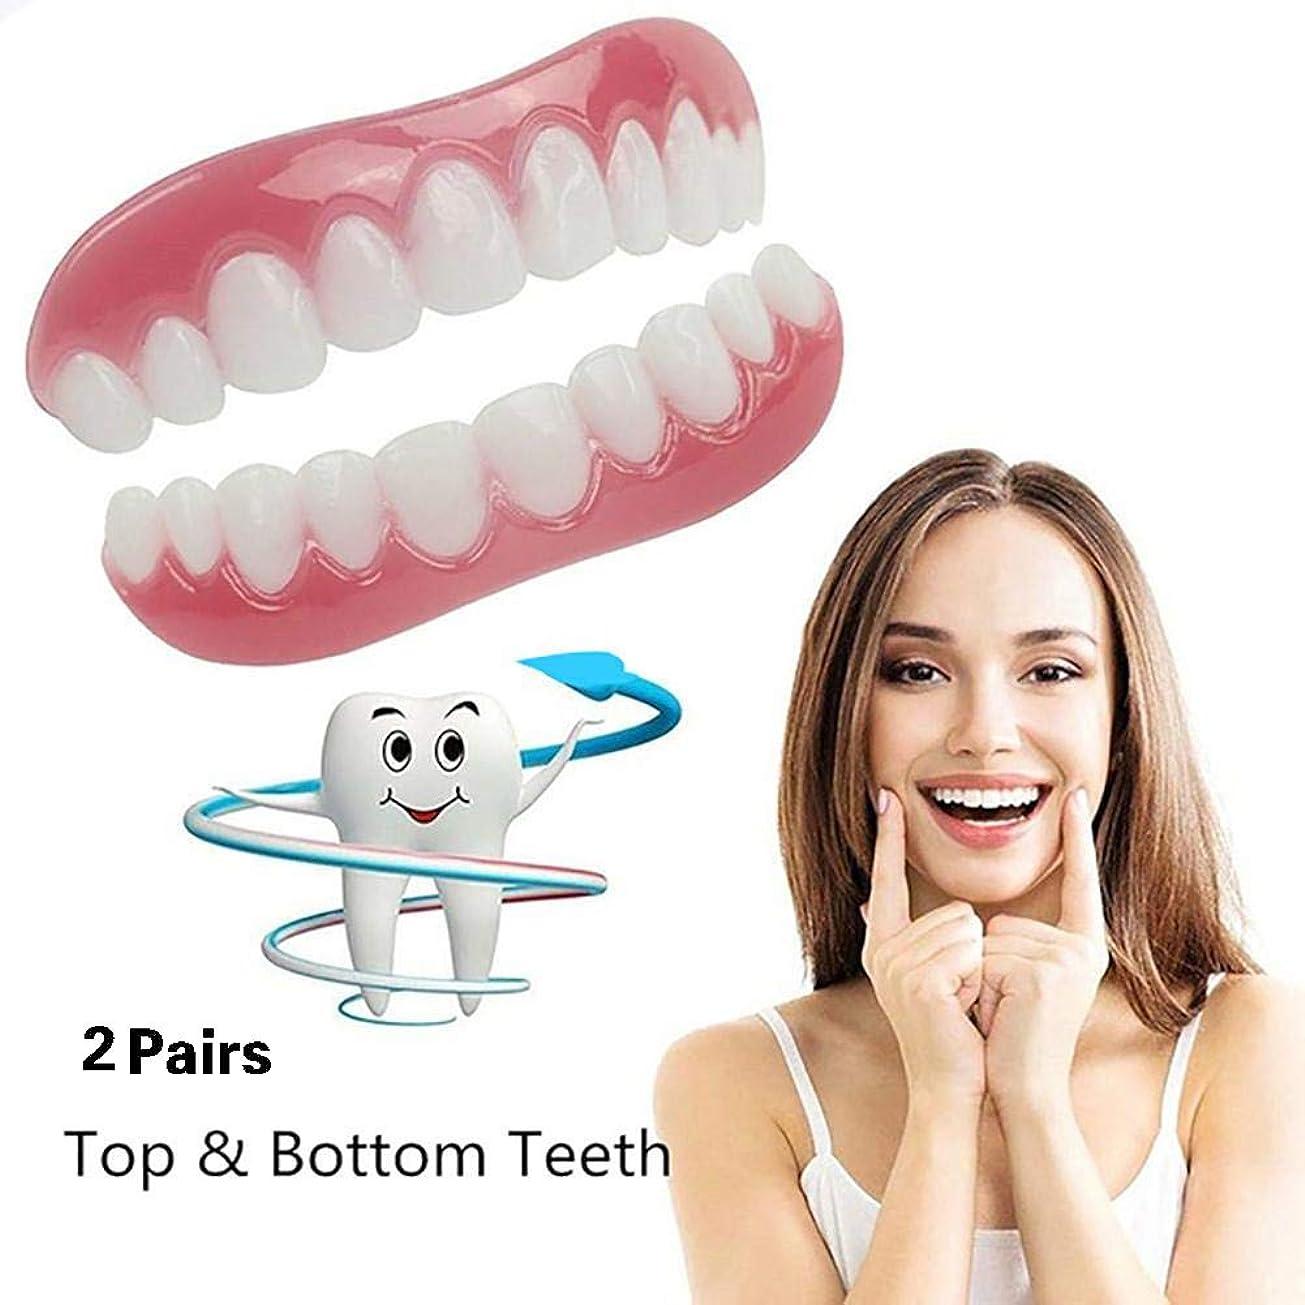 オーバーフローチャーミングサークルのシリコーンの歯のベニヤの歯の快適さのフィットフレックス化粧品の歯義歯の歯のトップとボトム化粧品のベニヤのシミュレーションのブレースワンサイズフィットすべて